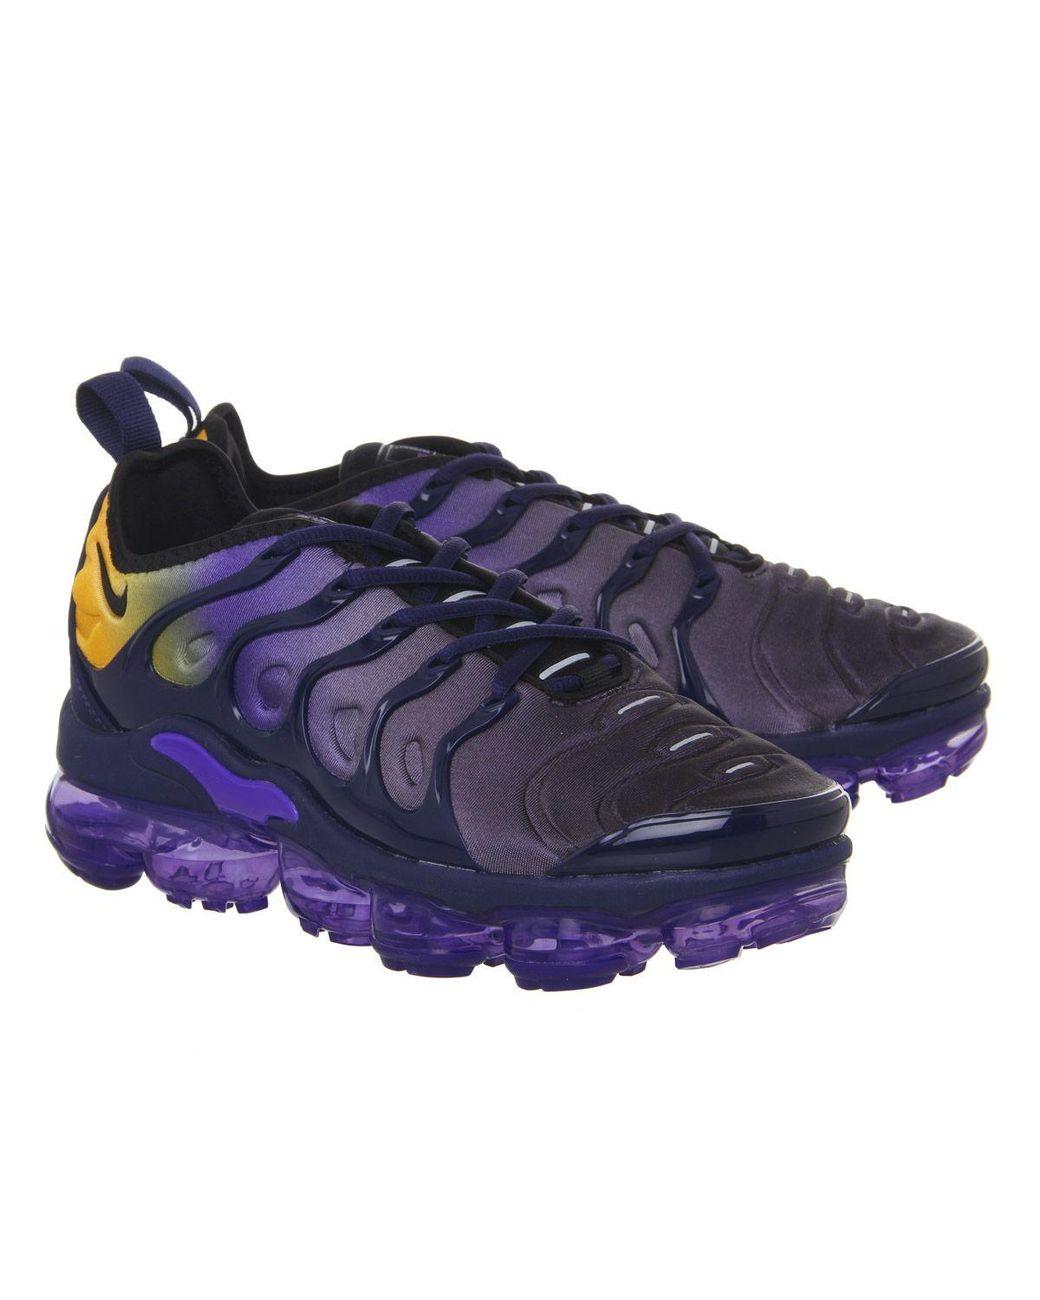 c7a3f3e1c5fef Nike air vapormax plus trainers in blue lyst jpg 1040x1300 Nike air vapor  max plus purple